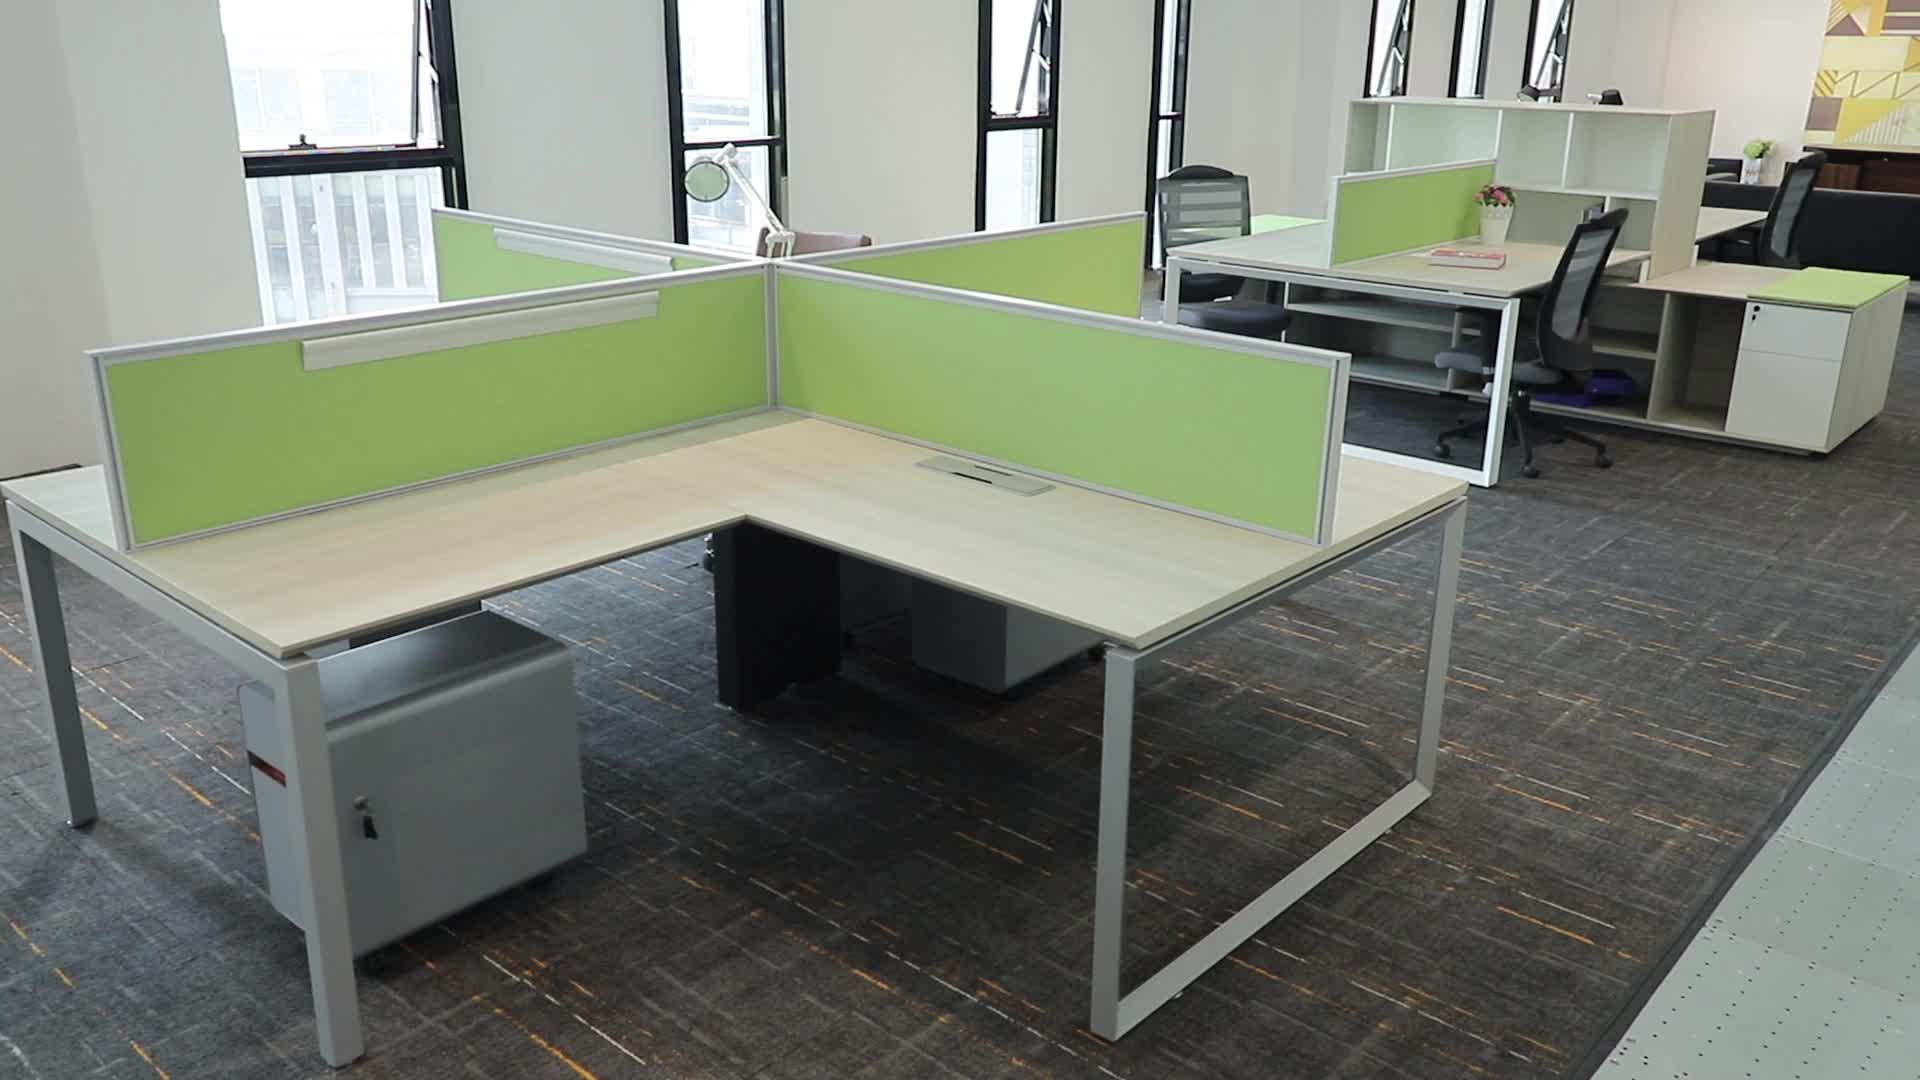 Bas prix style européen moderne apparence et usage général de meubles ensembles petit coin bureau à domicile pour le bureau à la maison